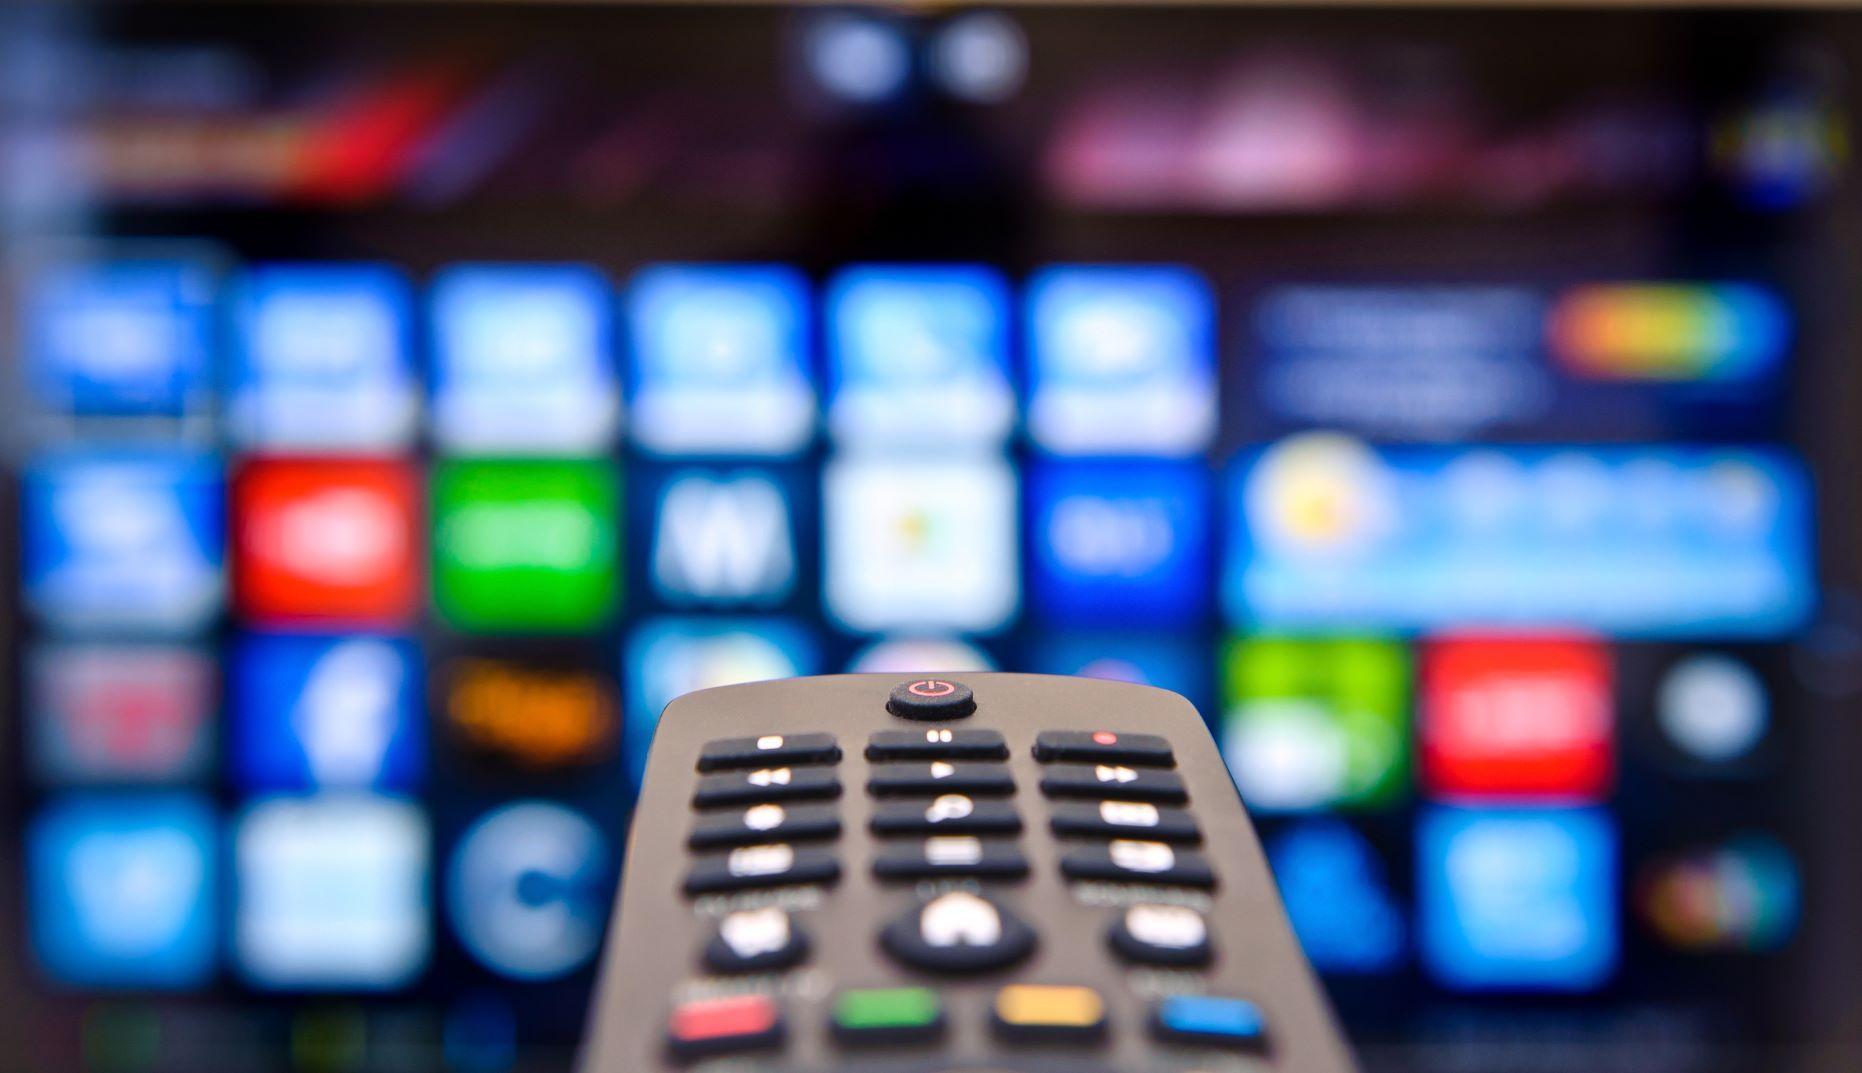 Podatek reklamowy: Dlaczego media protestują?